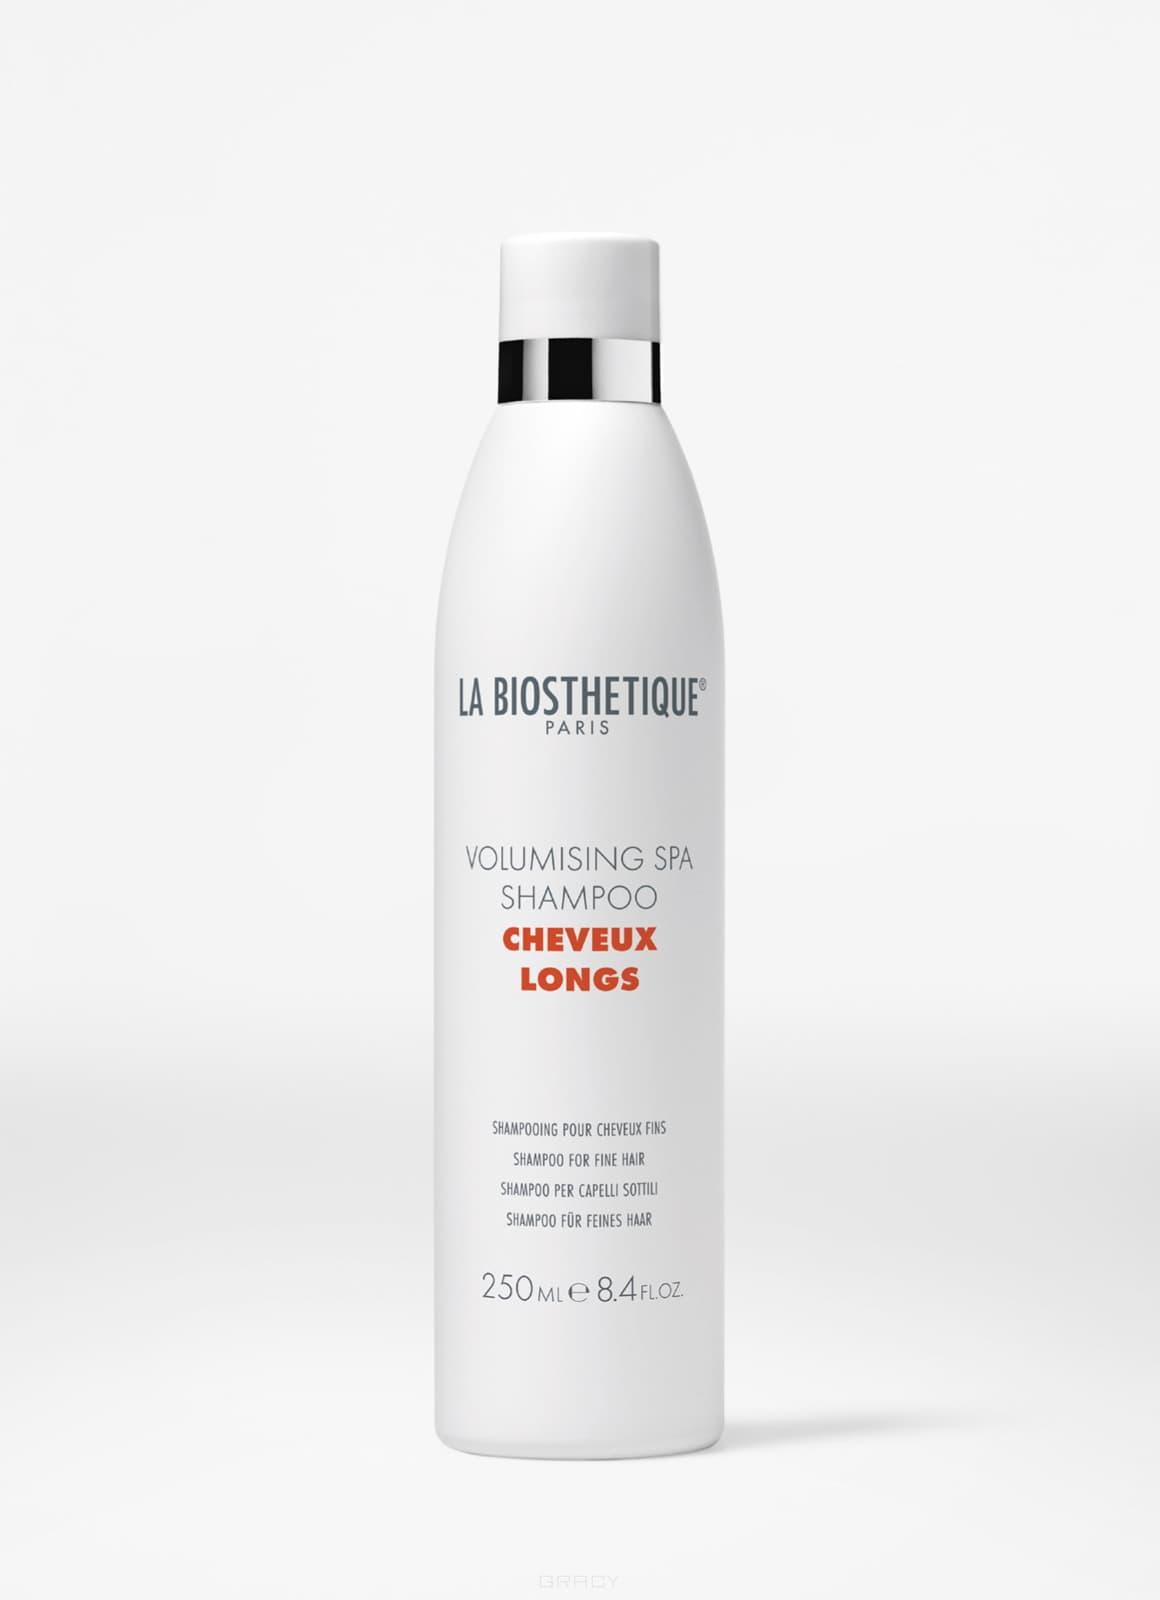 La Biosthetique SPA-шампунь для придания объема длинным волосам Volumising Spa Shampoo, 250 мл la biosthetique silky spa shampoo spa шампунь для придания шелковистости длинным волосам 1000 мл